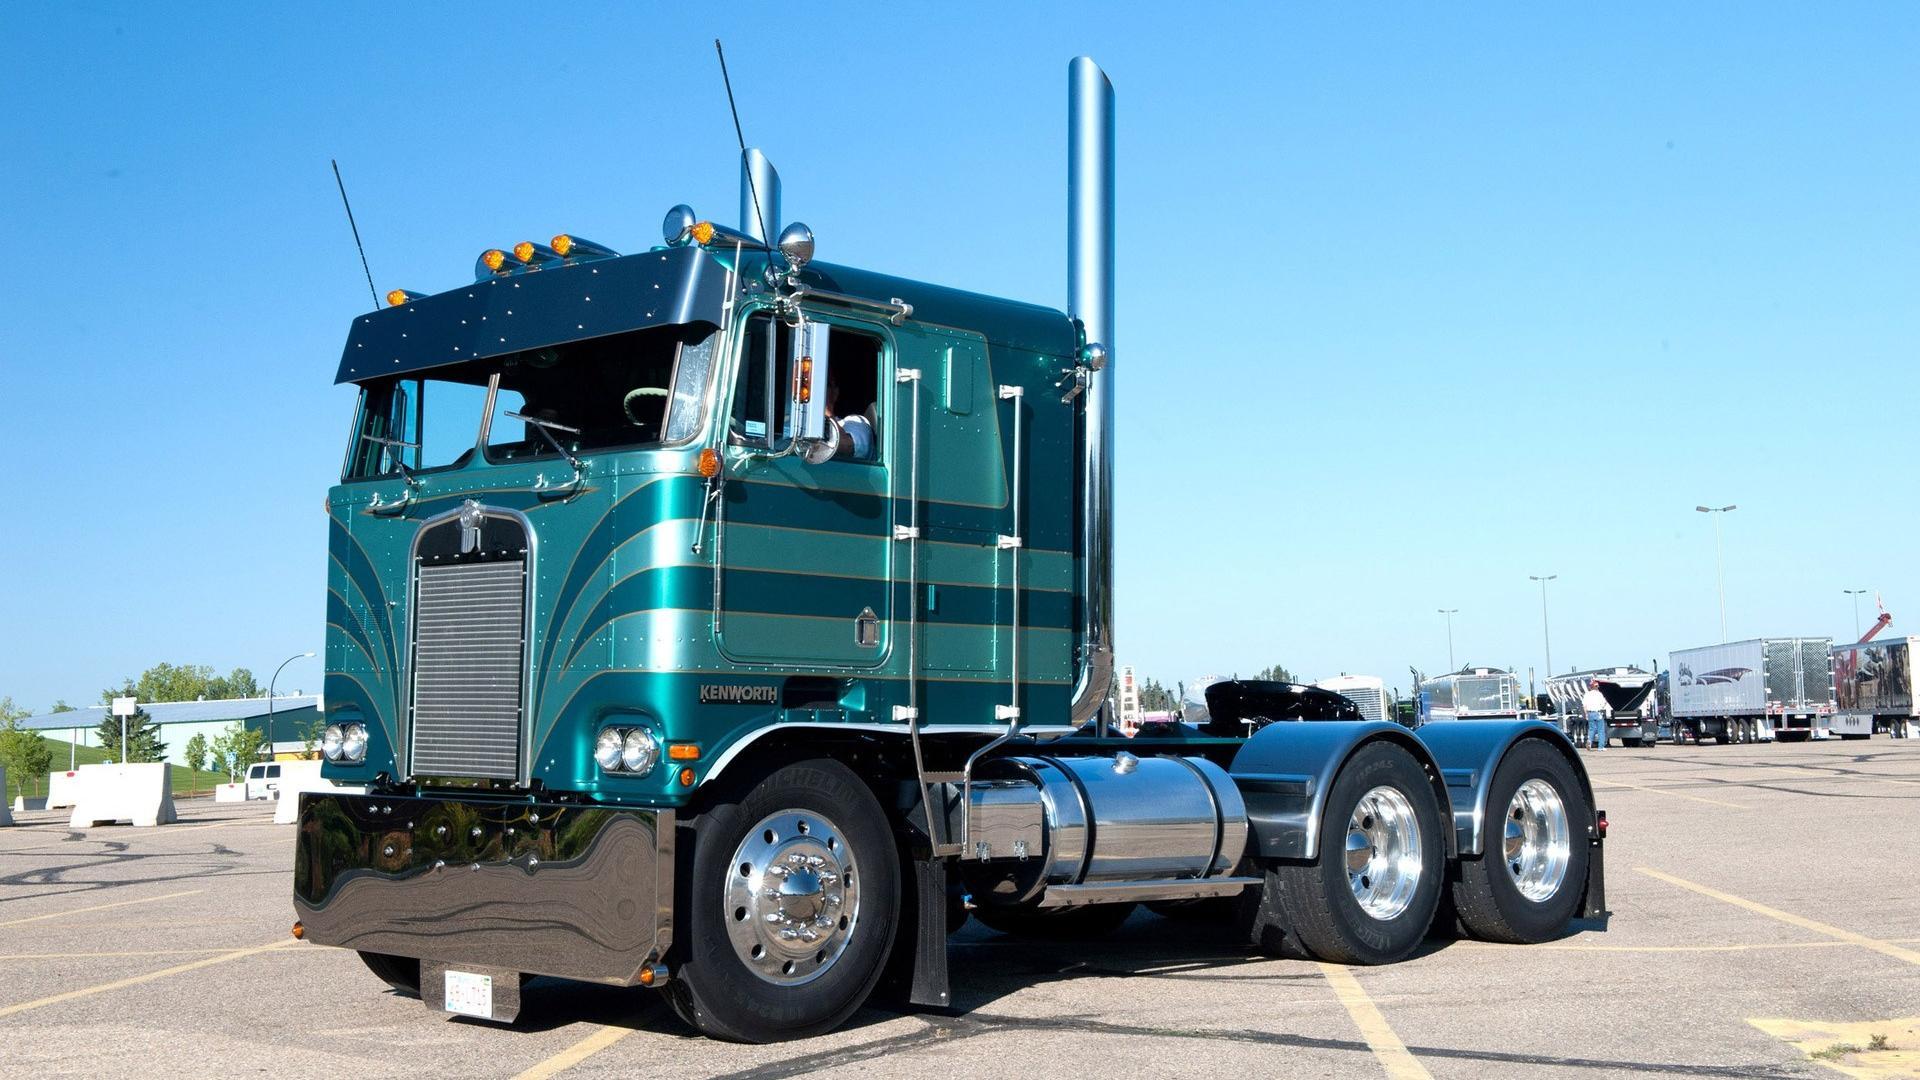 Wallpaper Trucks Kenworth - WallpaperSafari